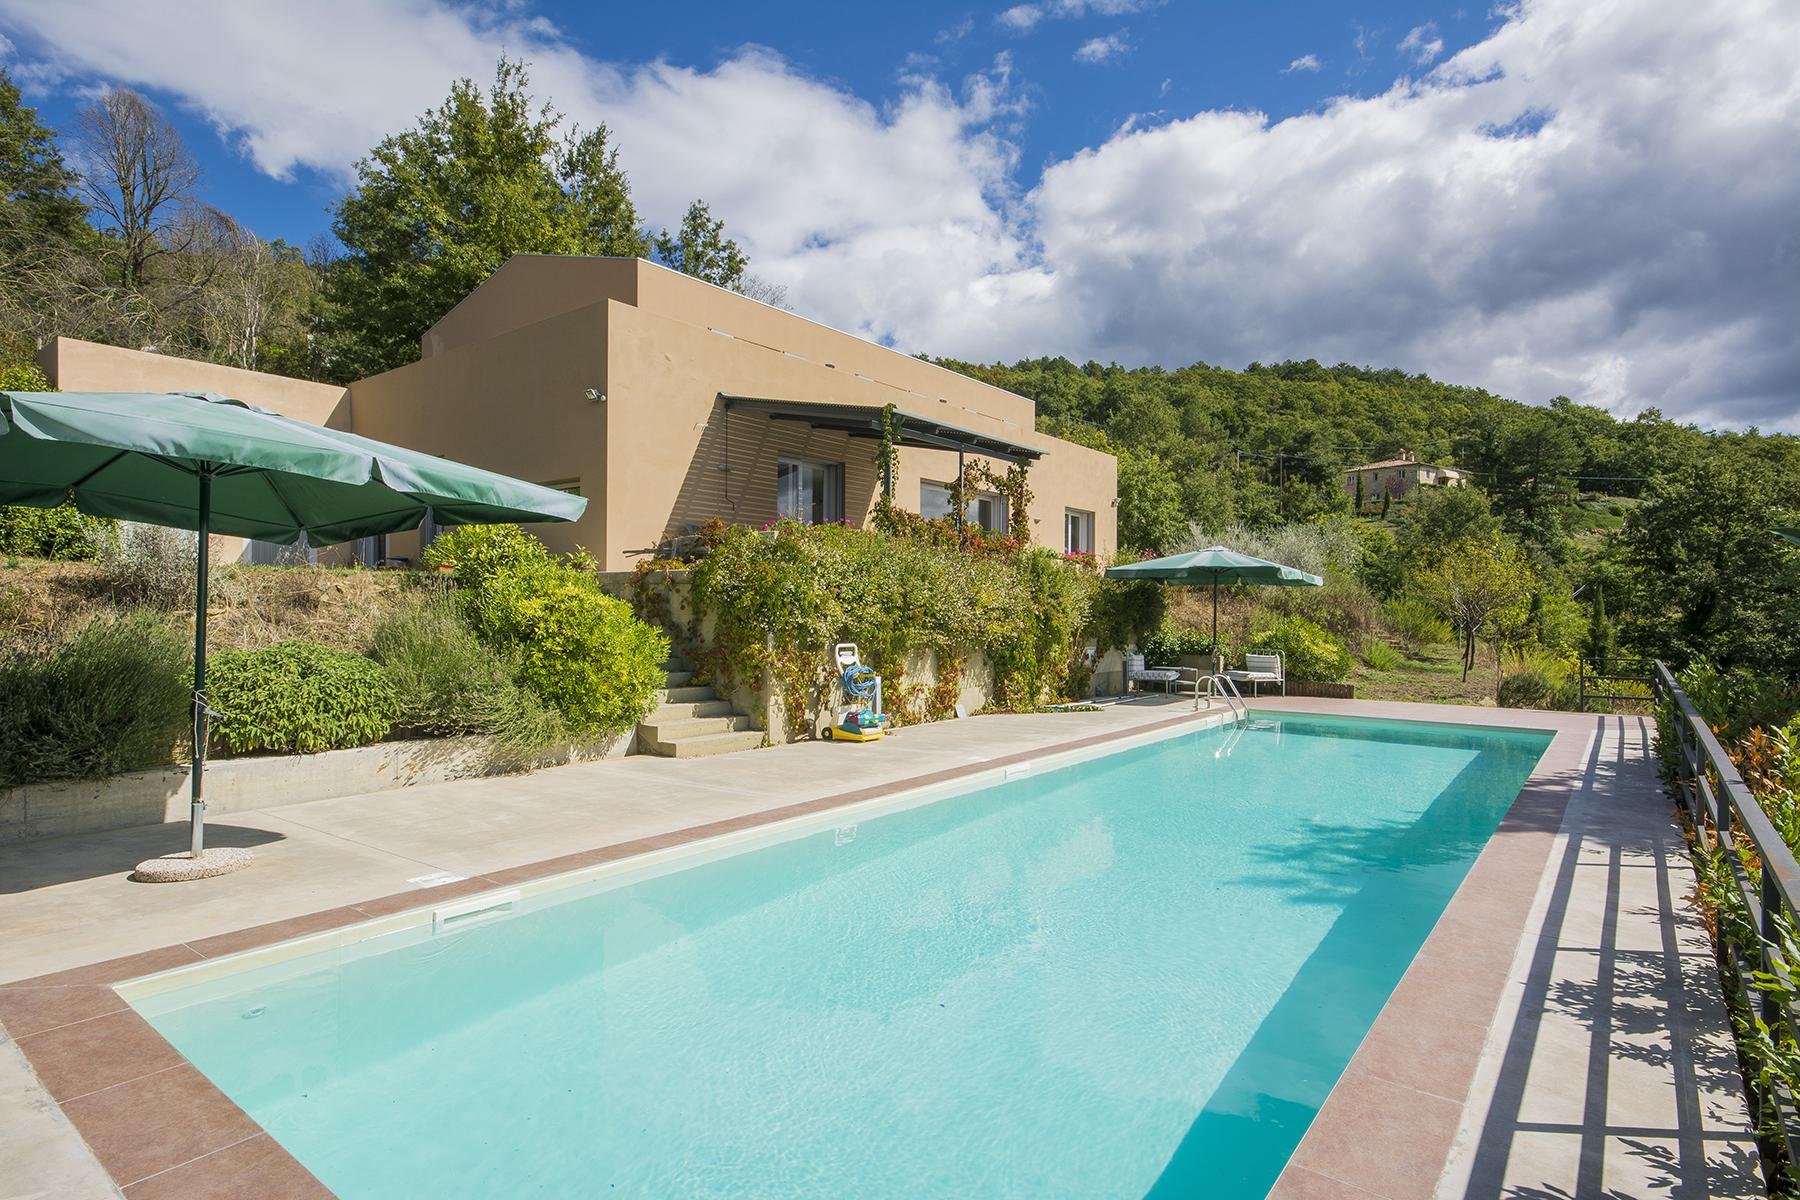 Casa indipendente in Vendita a Lisciano Niccone: 5 locali, 414 mq - Foto 2